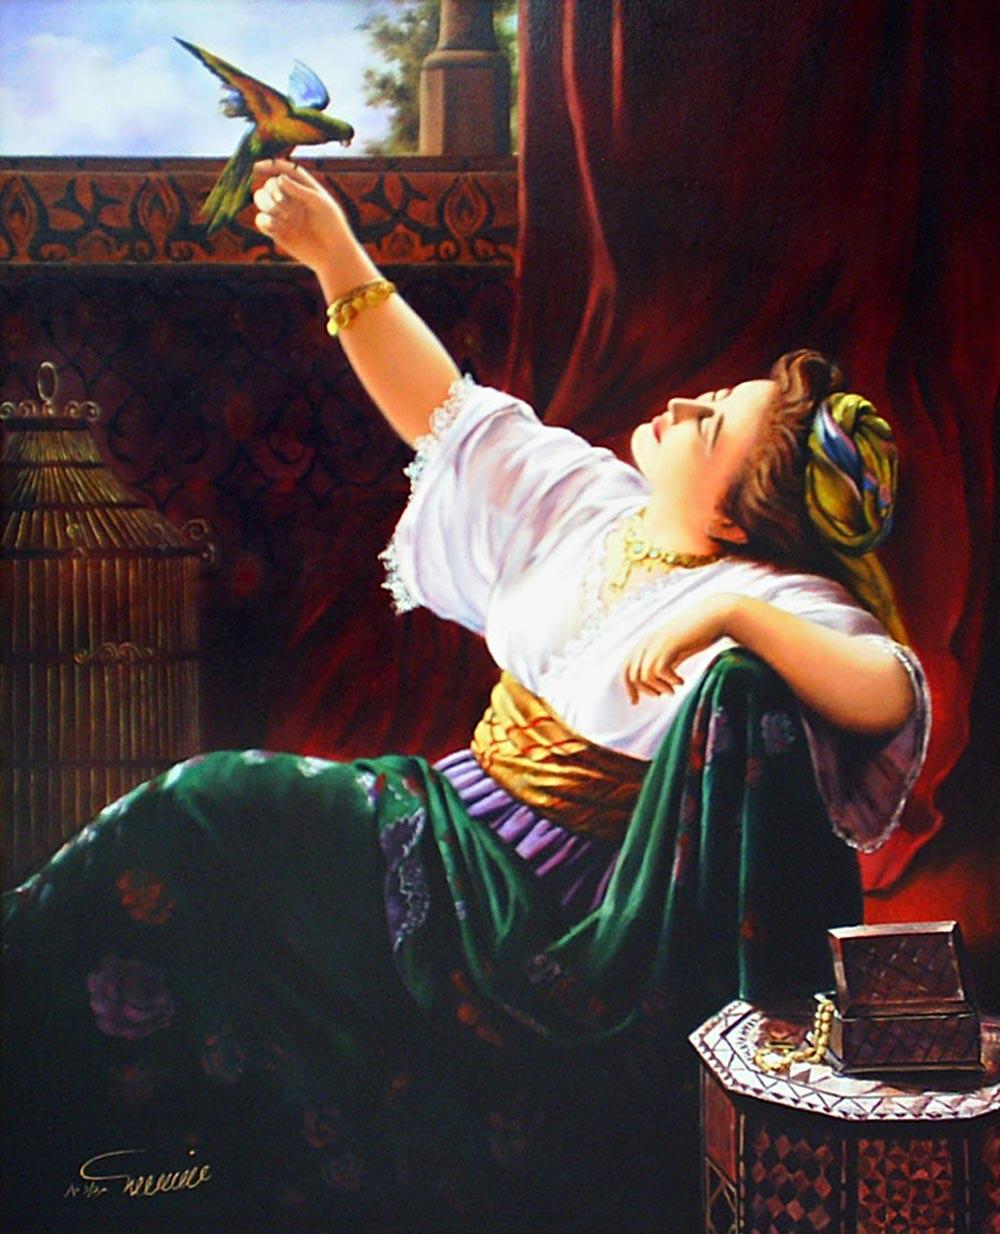 نقاشی فیگور و پرتره رویای رهایی - رنگ روغن روی بوم